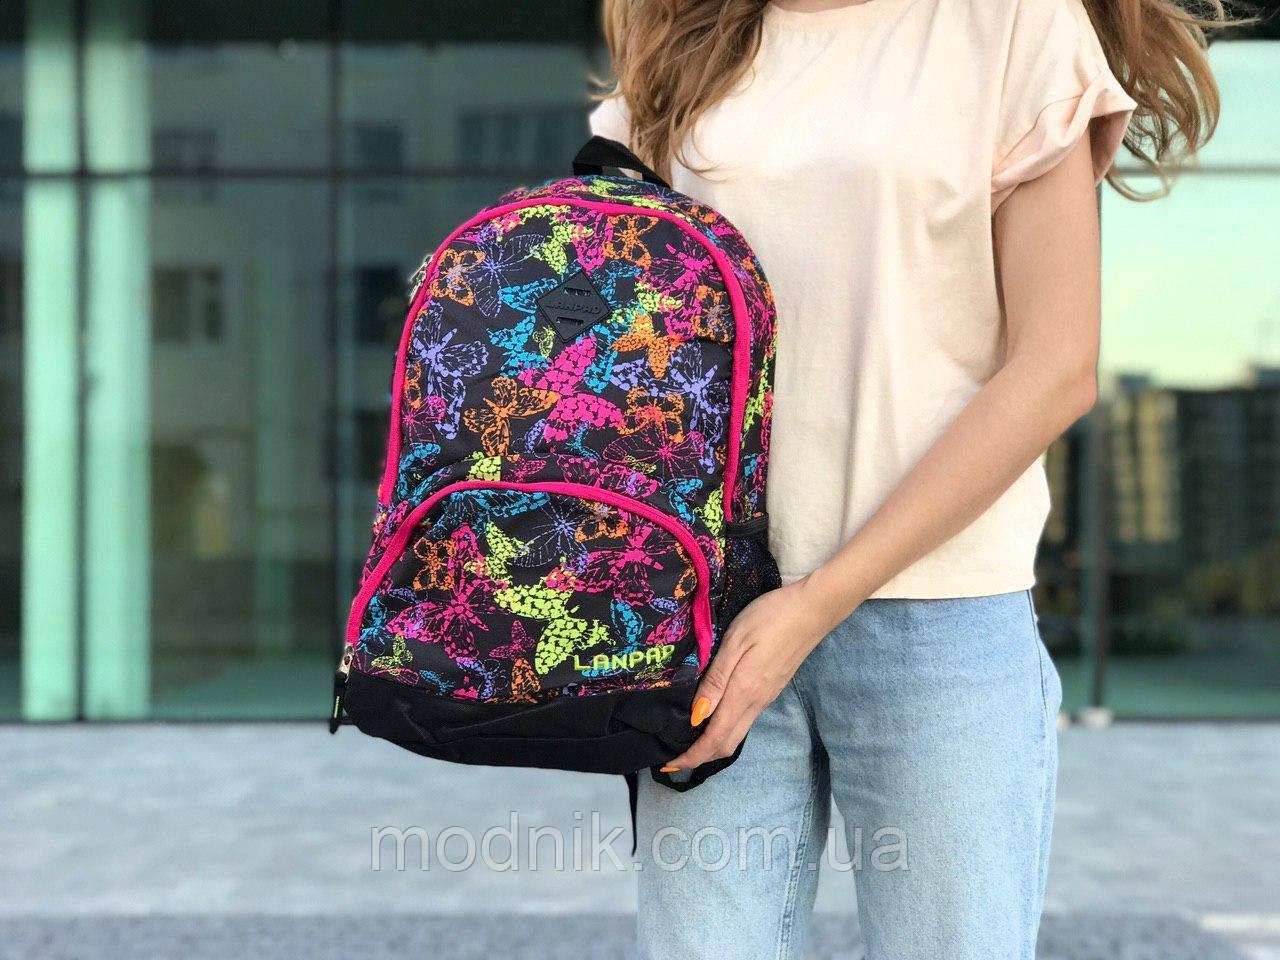 Городской рюкзак Lanpad (разноцветный) 1296